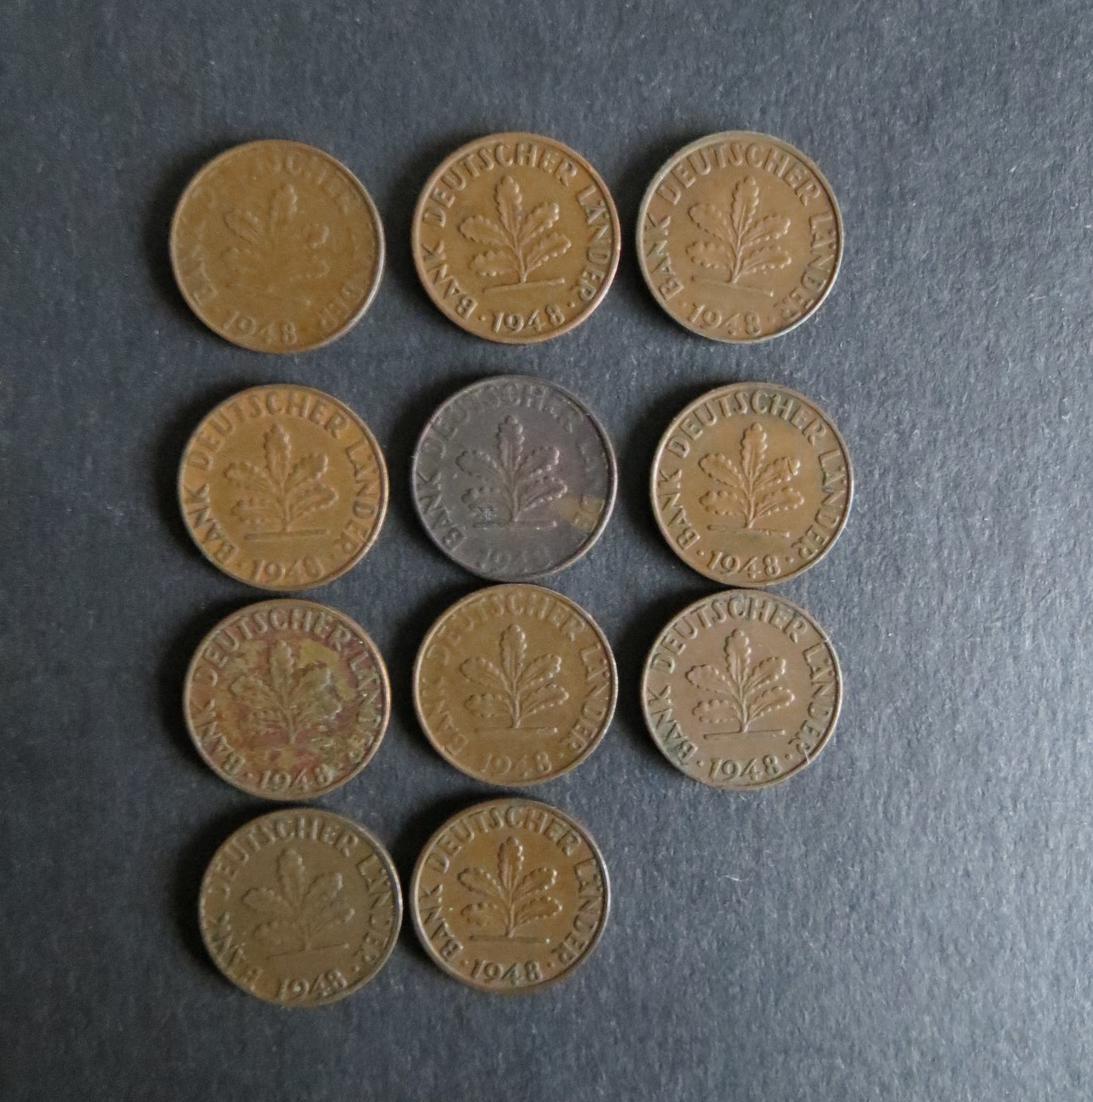 Münzsammlung Bank deutscher Länder 1 Pfennig 1948 s-ss 11 Stück